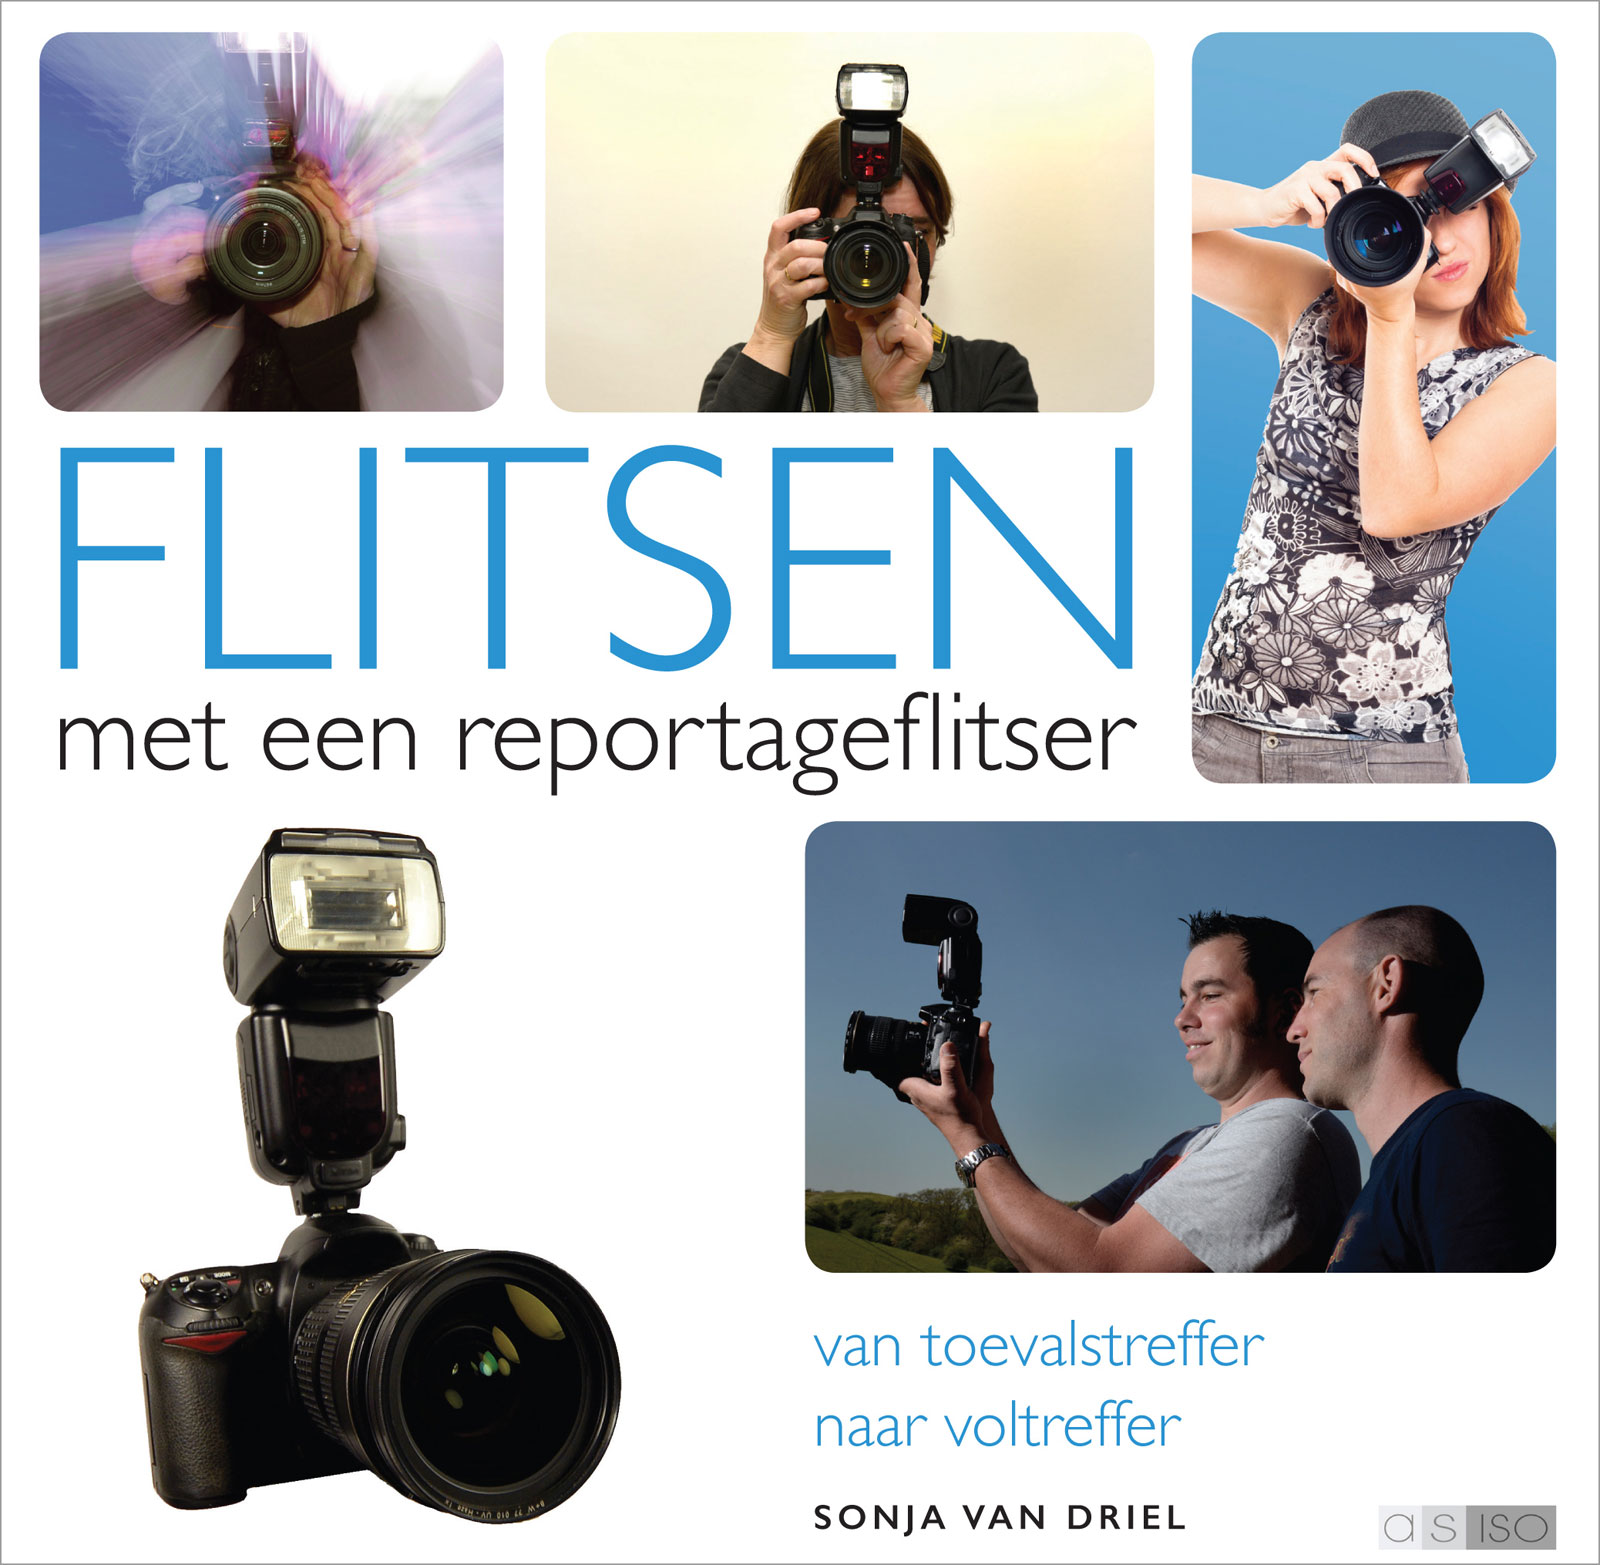 Flitsen met een Reportageflitser- Sonja van Driel, isbn 9789081533188